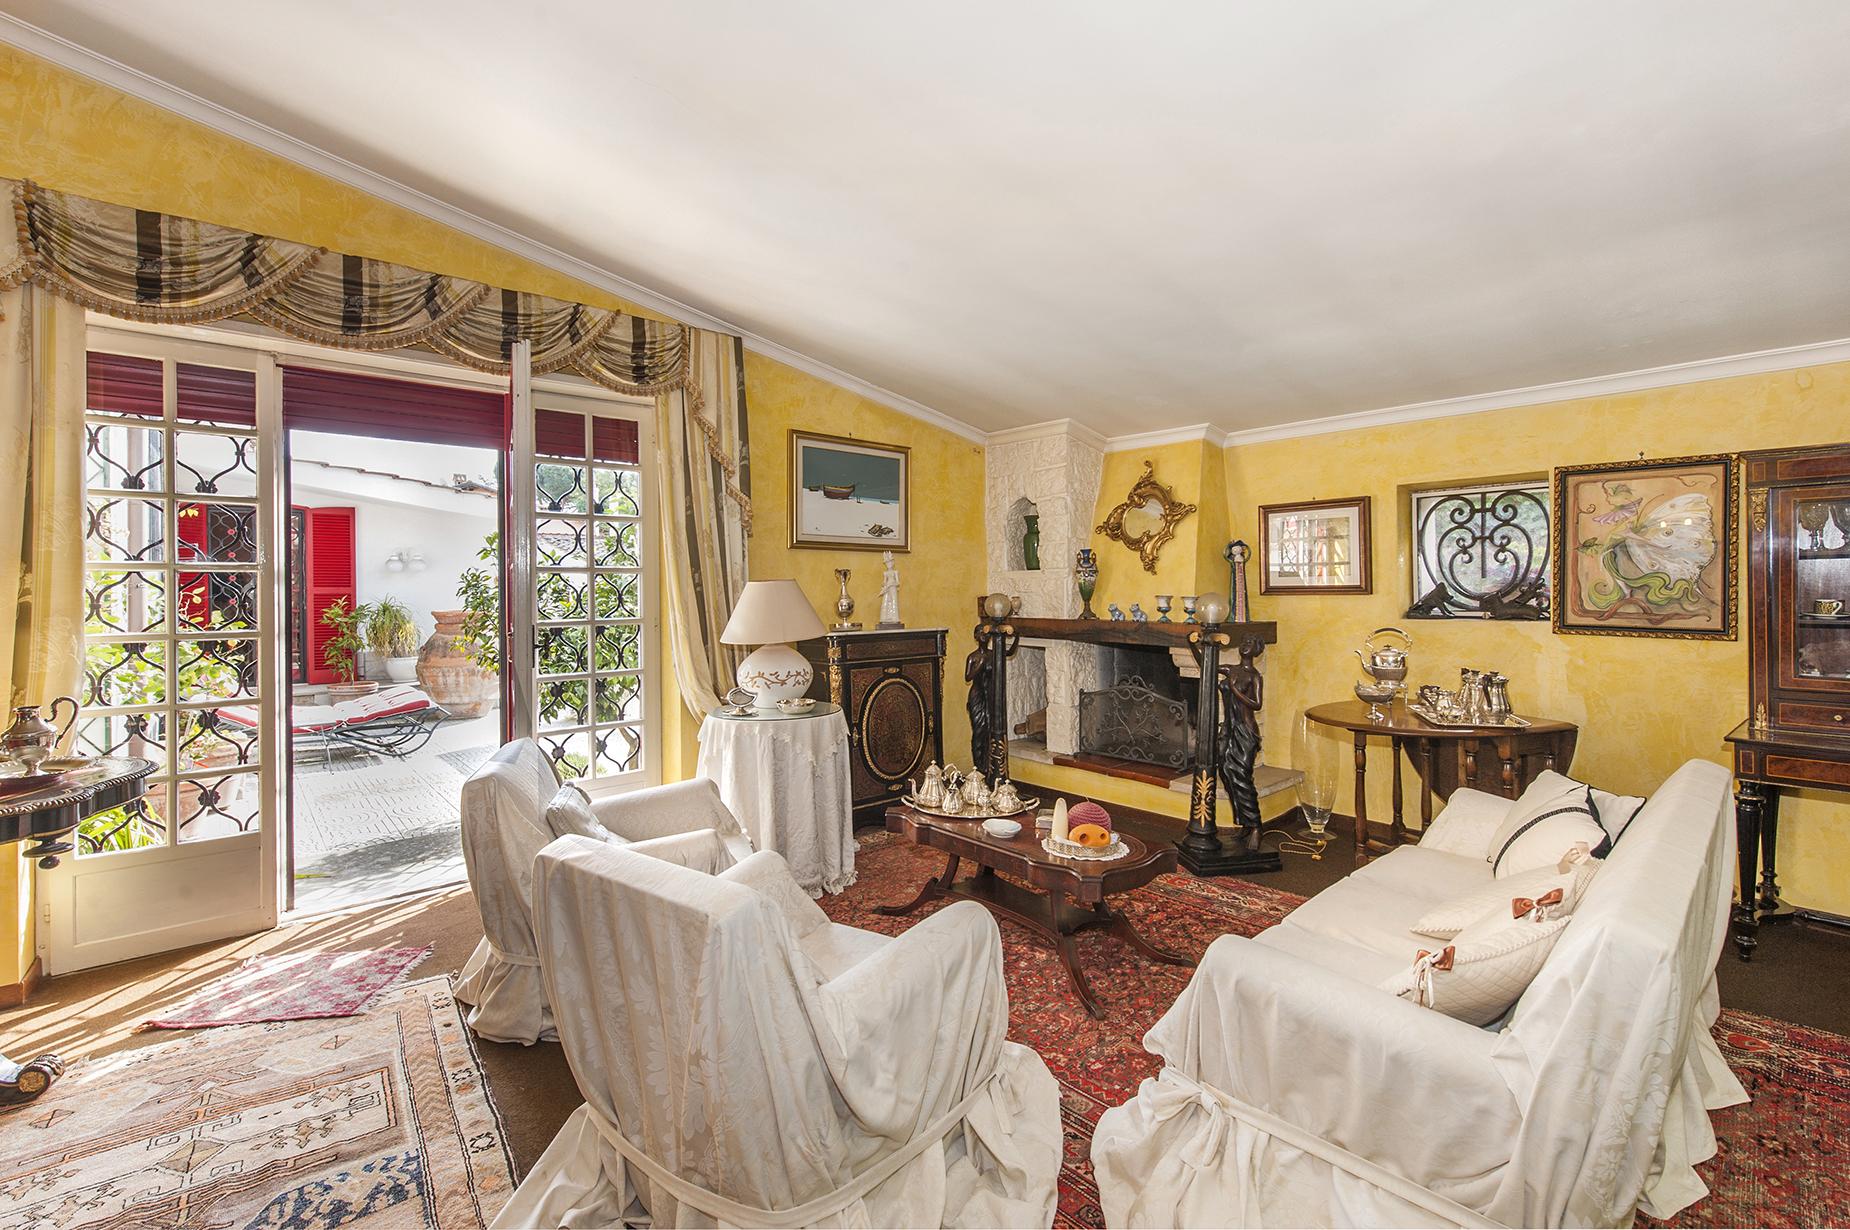 Villa in Vendita a Roma 26 Axa / Casalpalocco / Infernetto: 5 locali, 320 mq